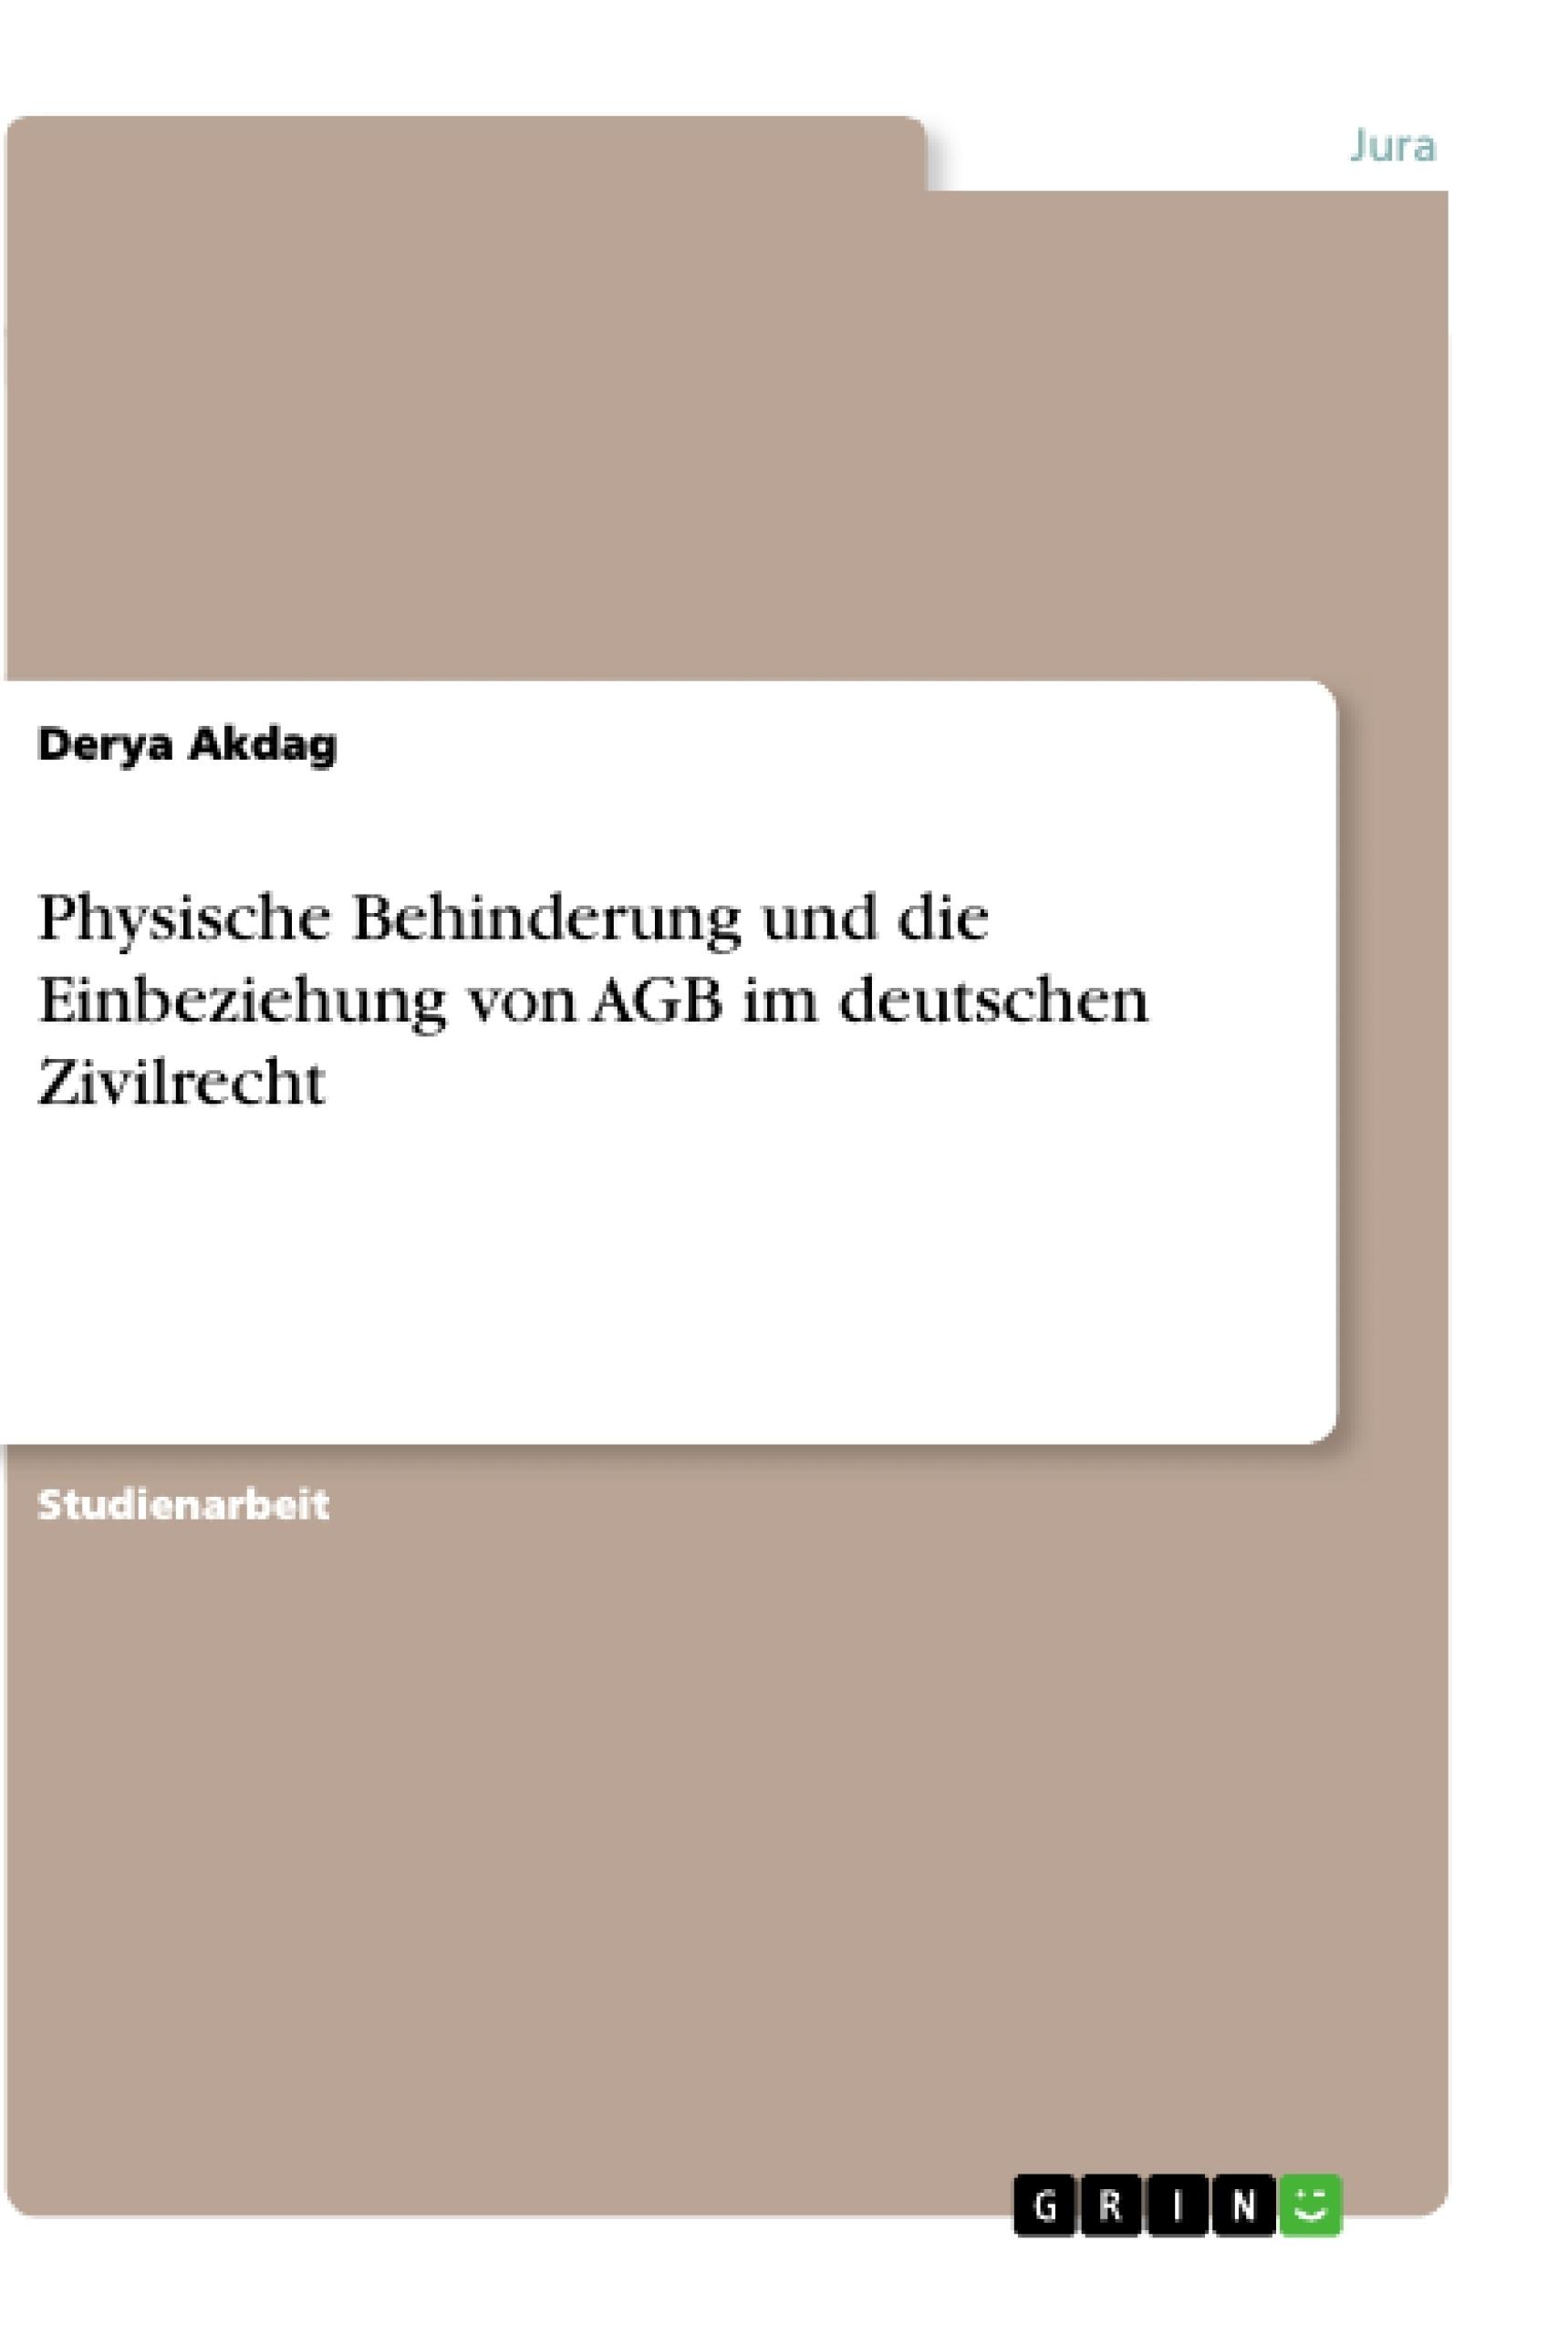 Titel: Physische Behinderung und die Einbeziehung von AGB im deutschen Zivilrecht